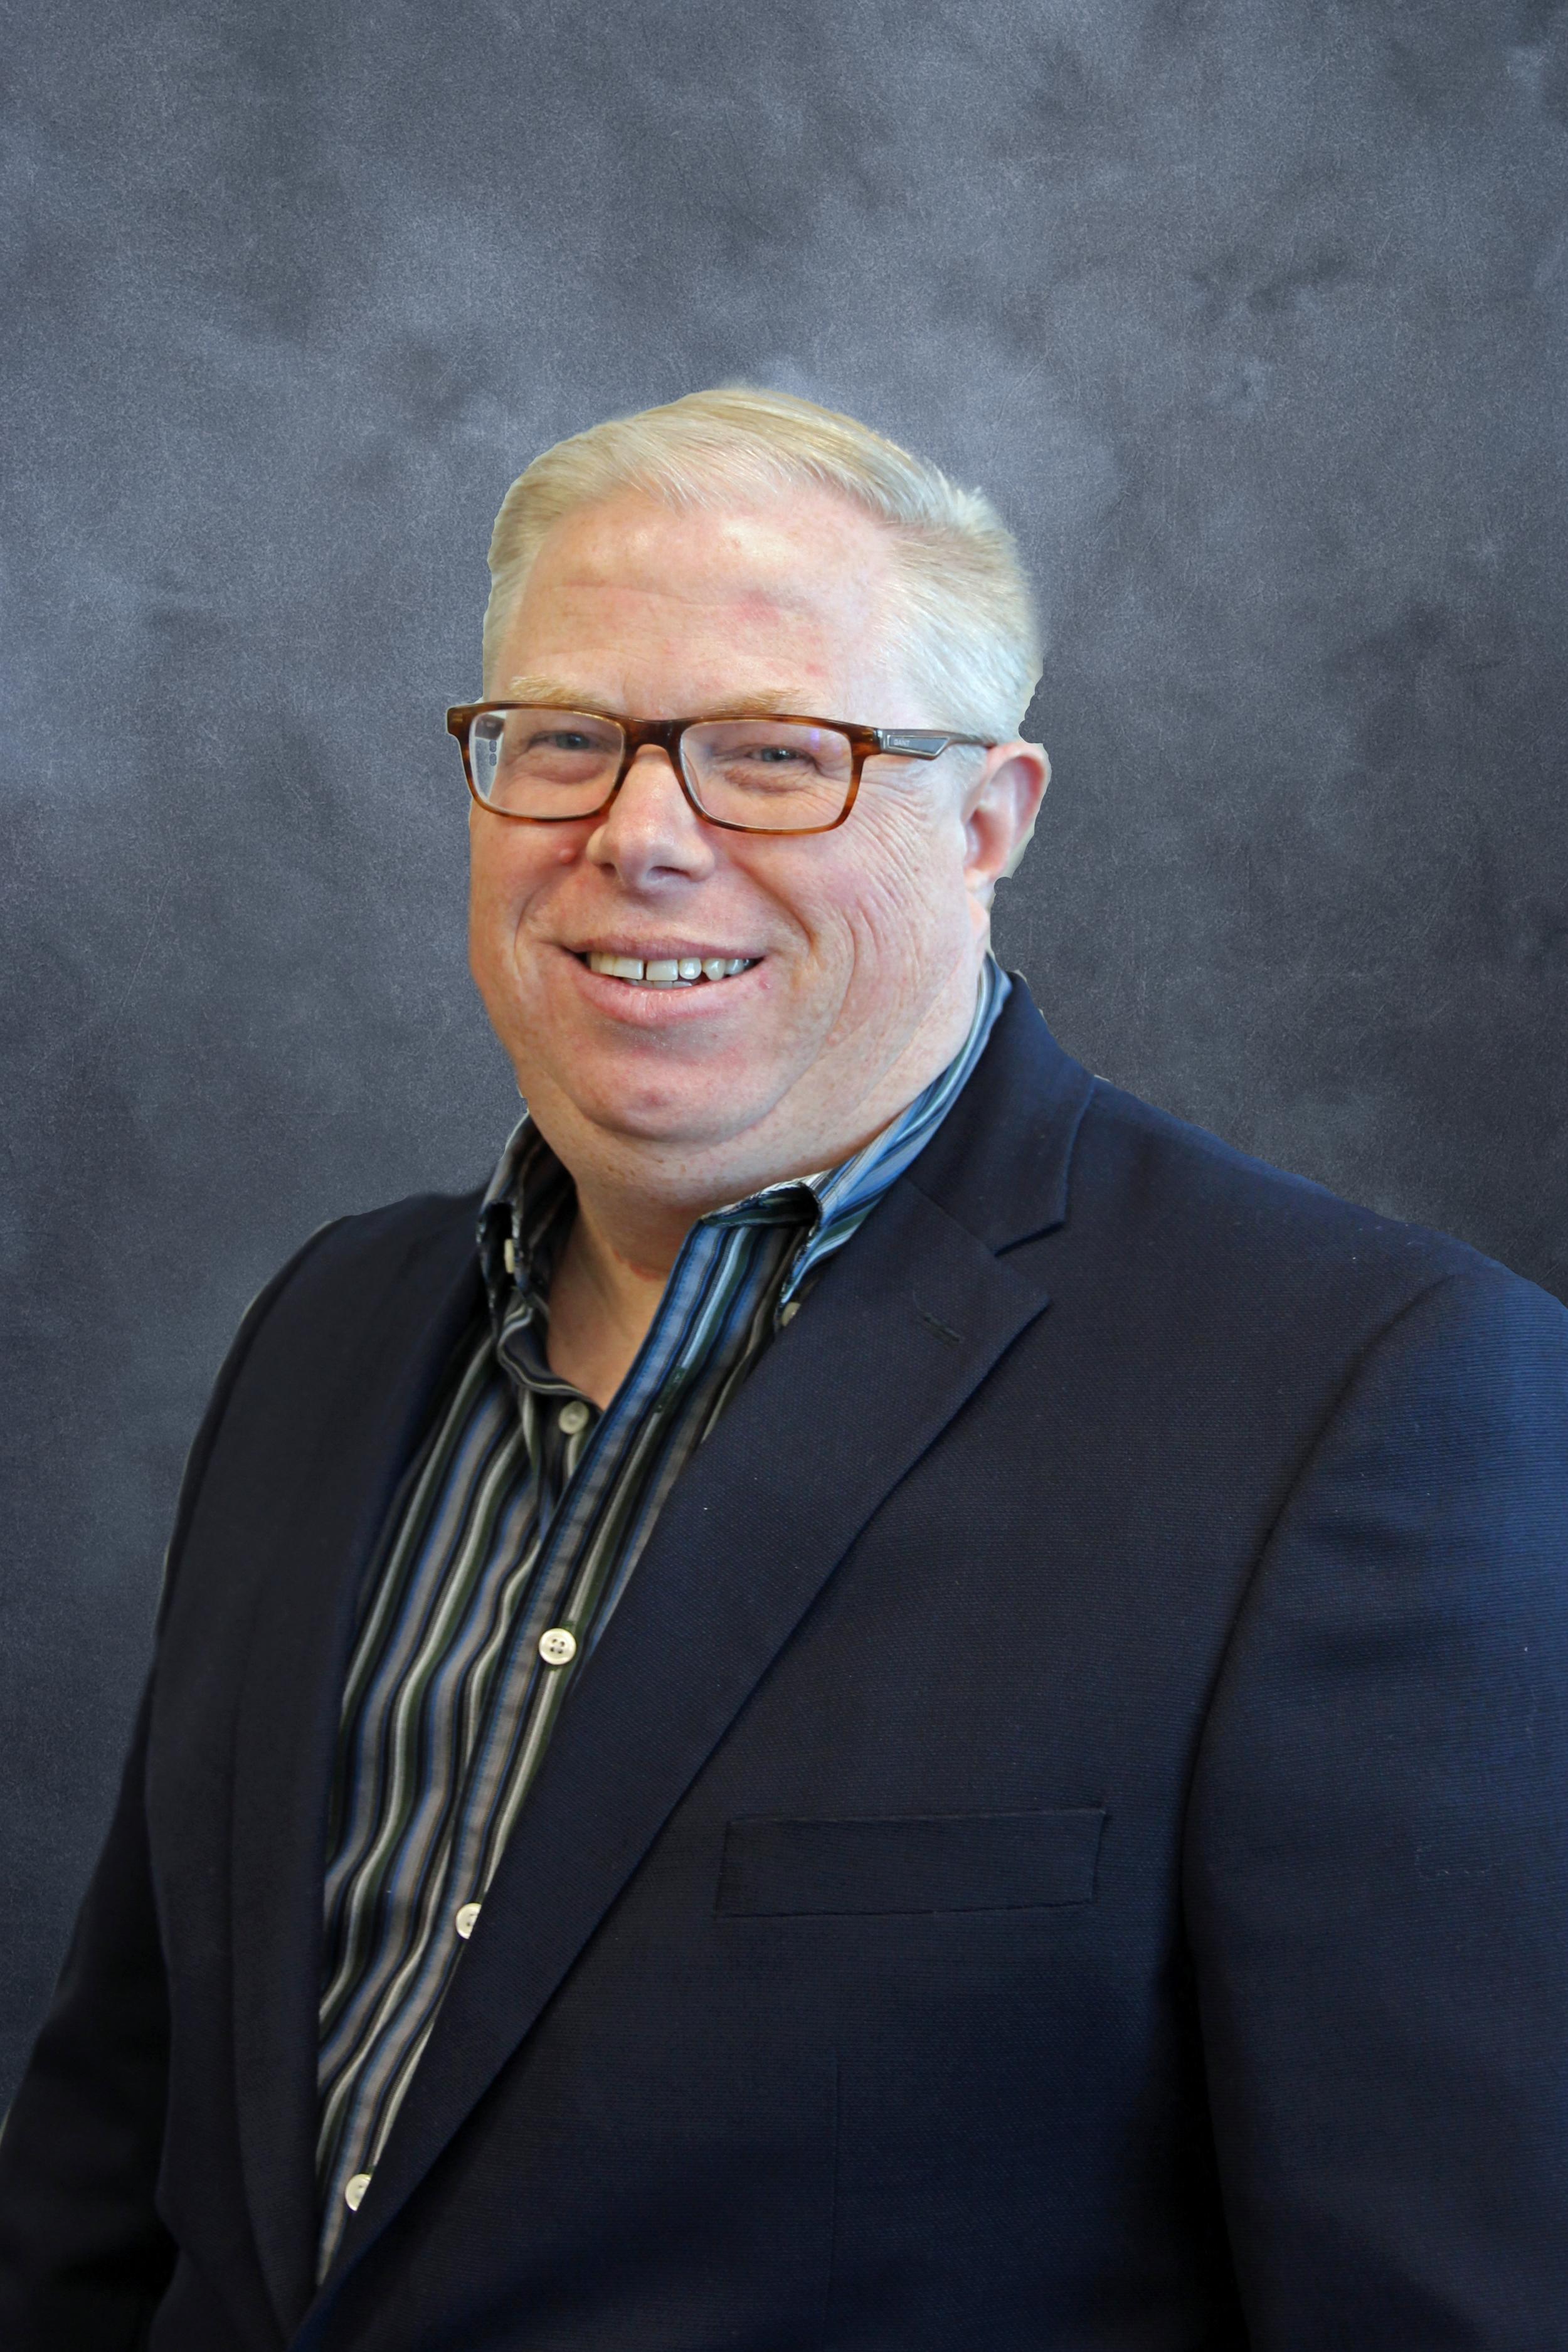 Dr. Rick Smith